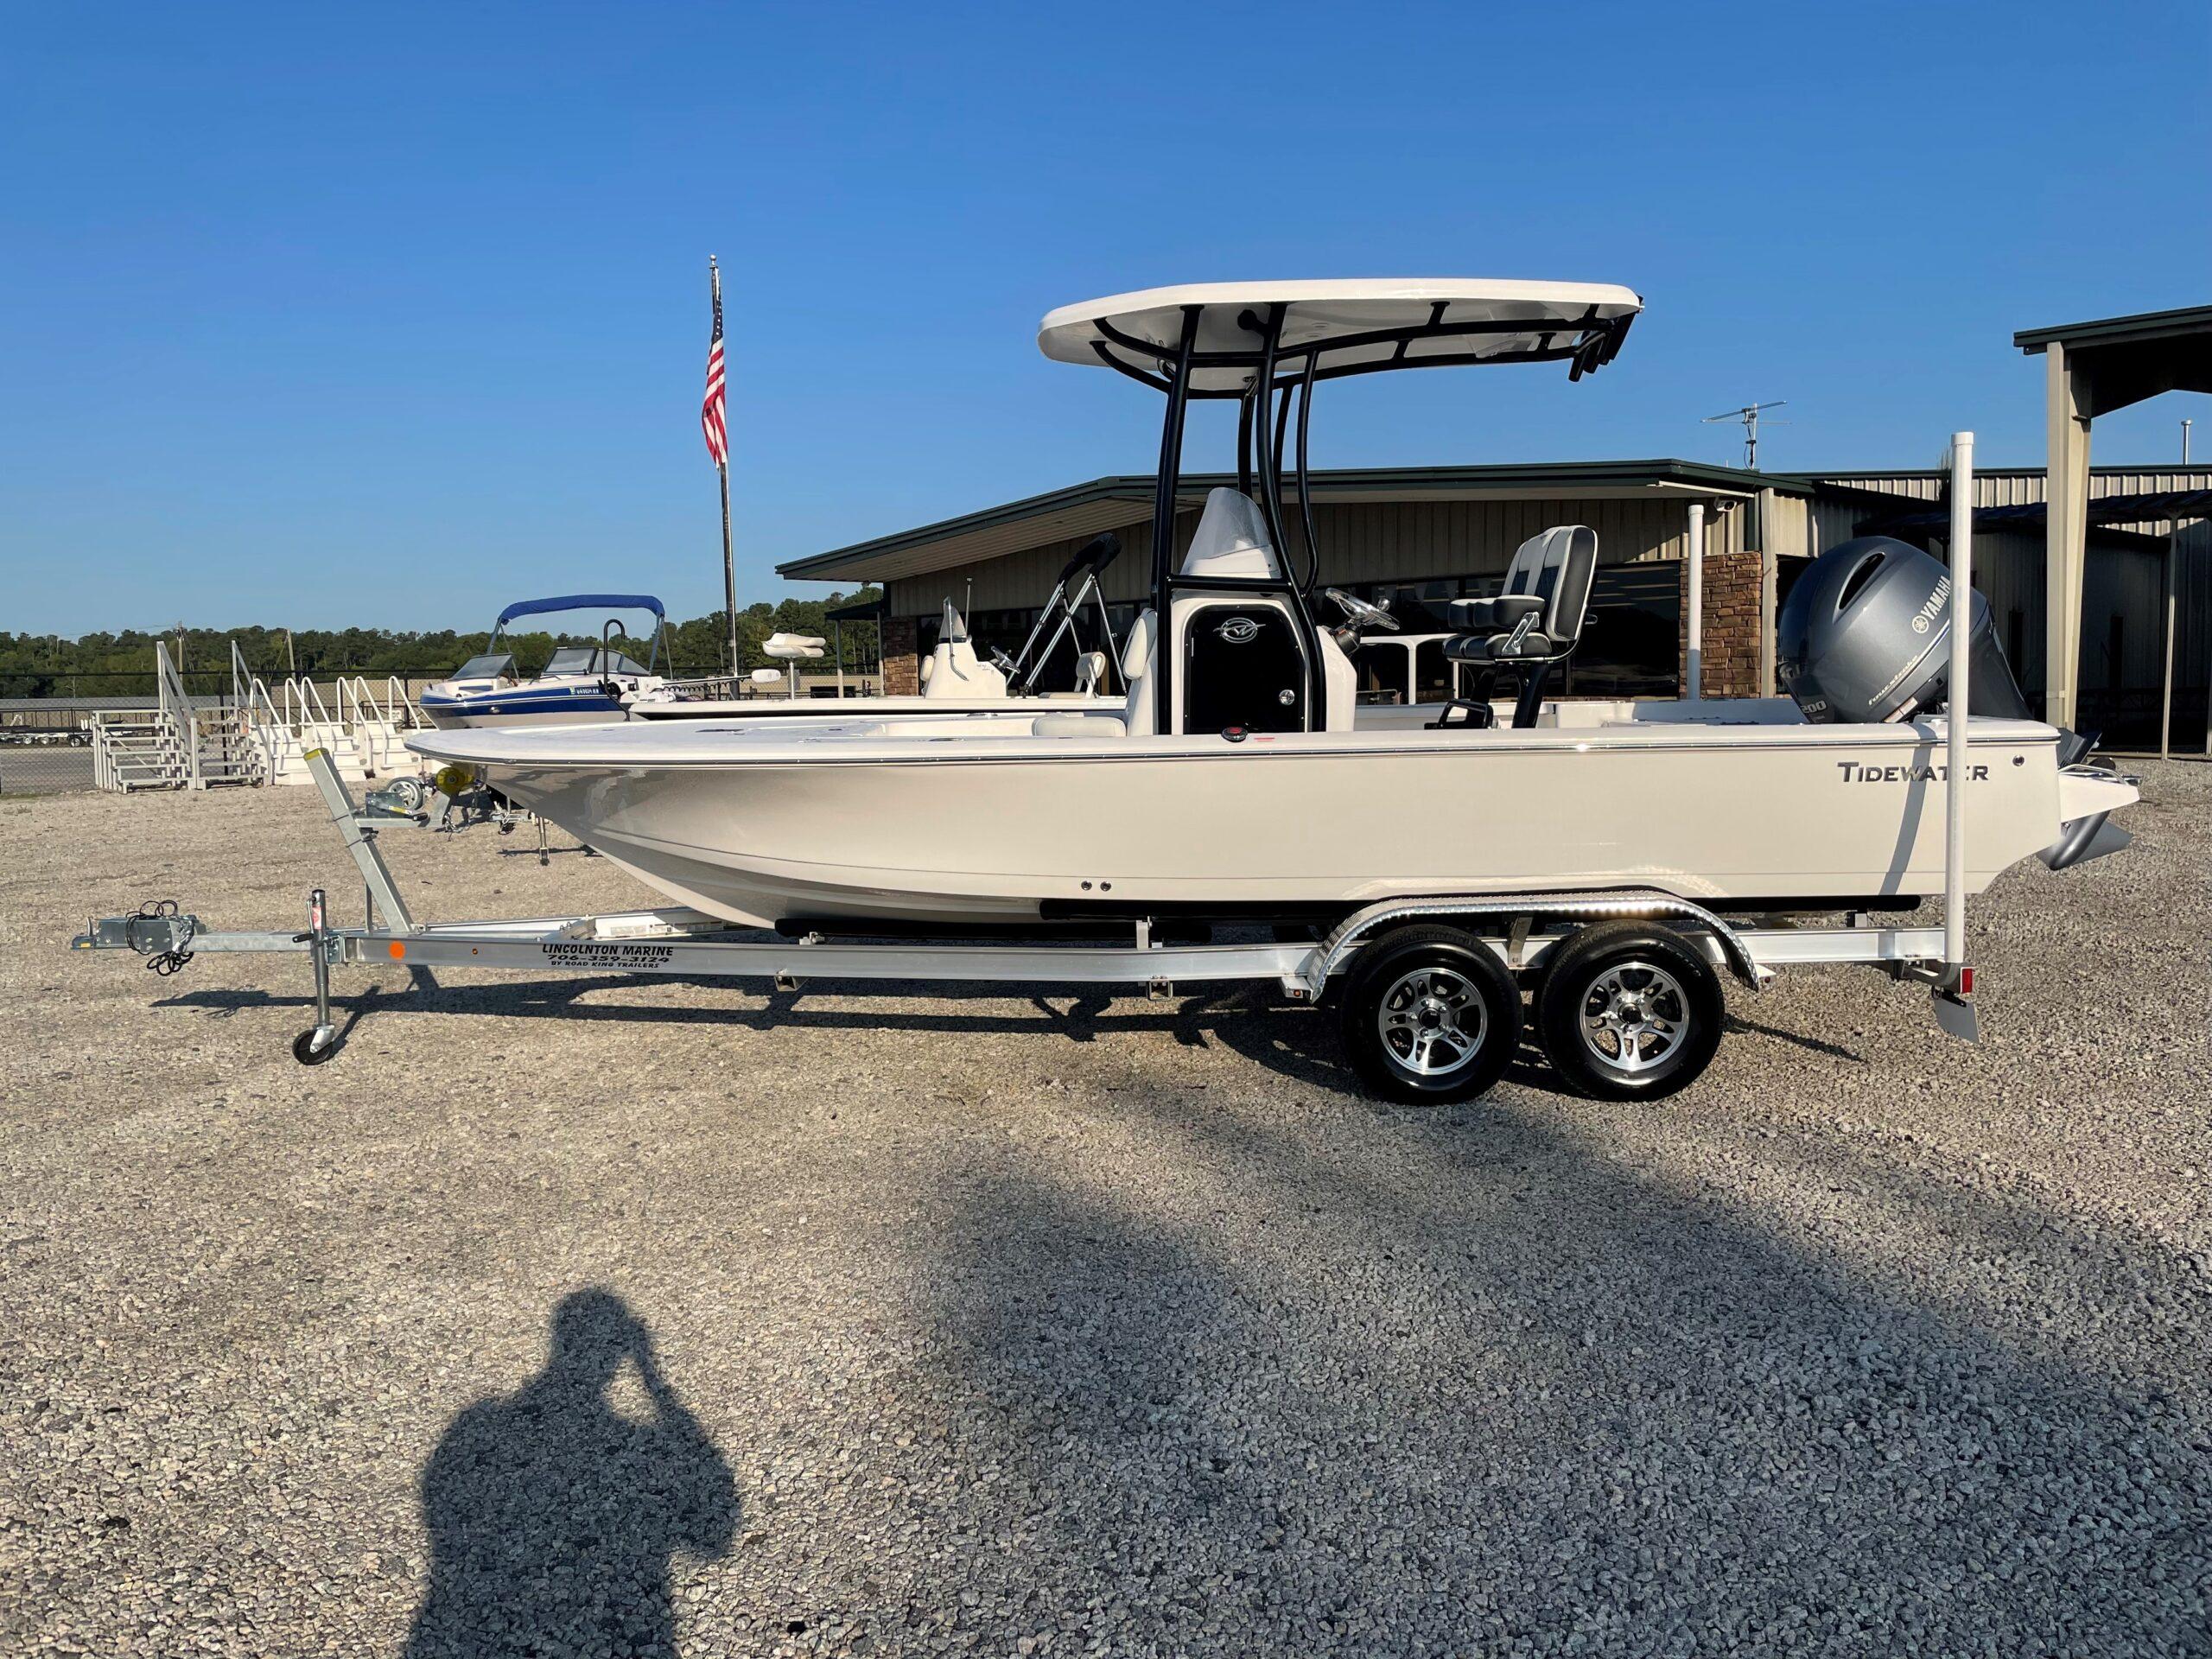 2022 Tidewater 2110 Bay Max